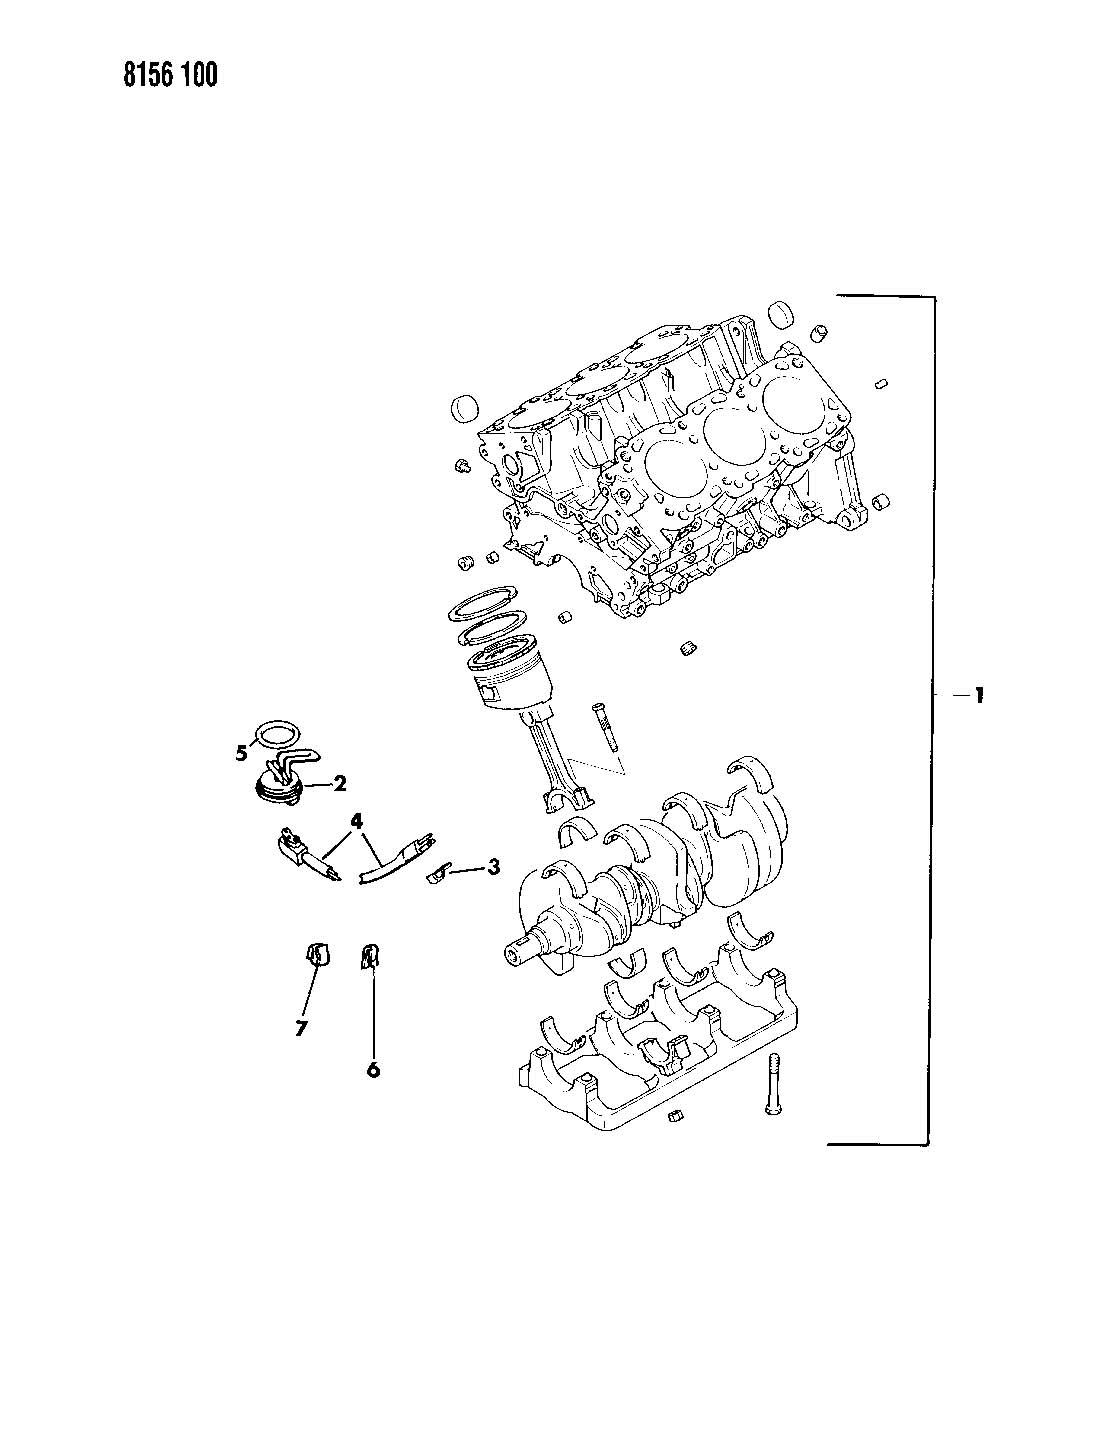 Grand Voyager Short Engine 3 0 L Engine